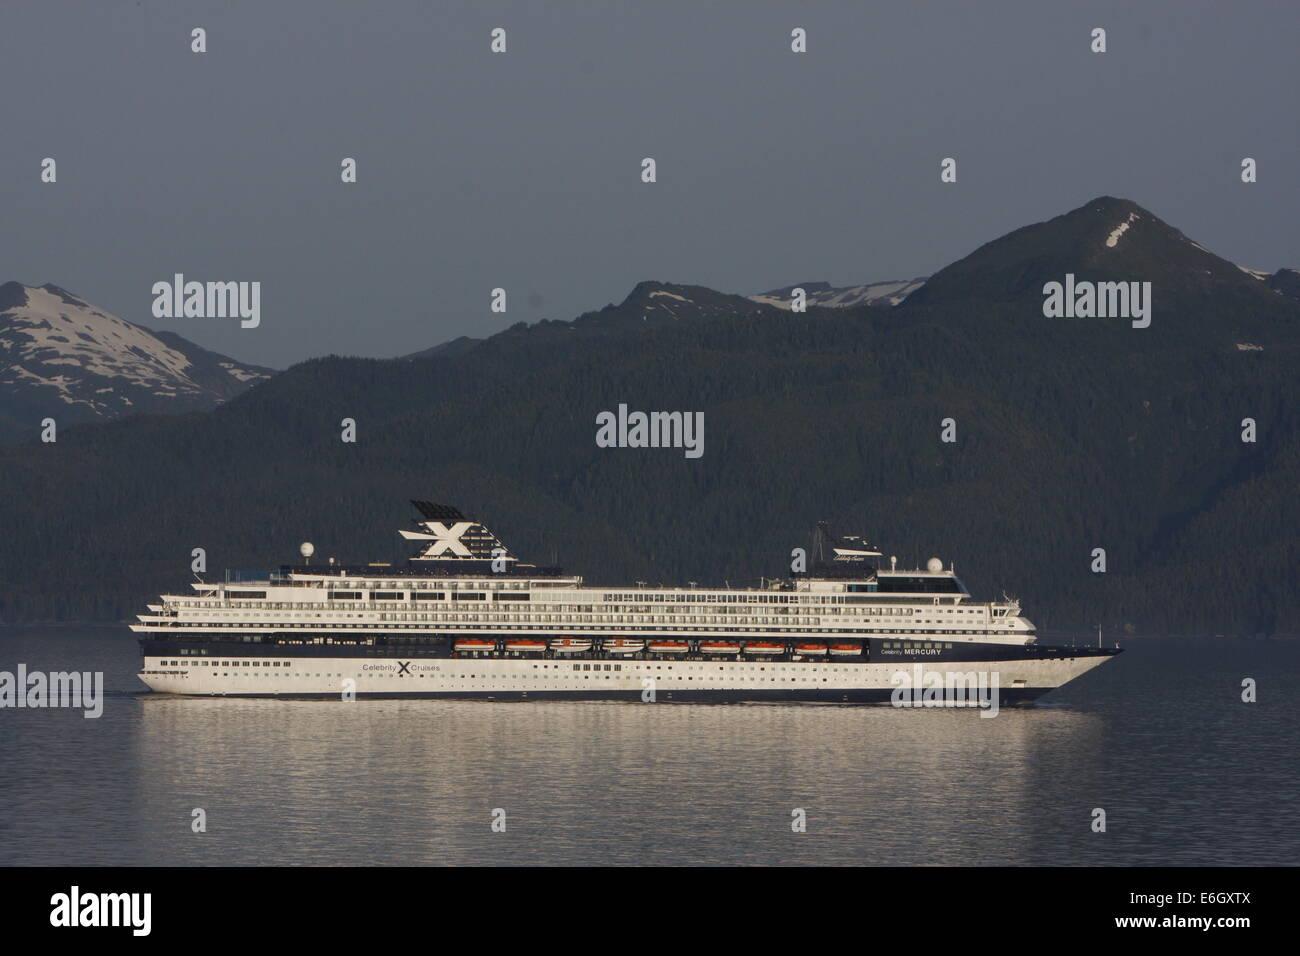 Cruise Ships - Celebrity Mercury